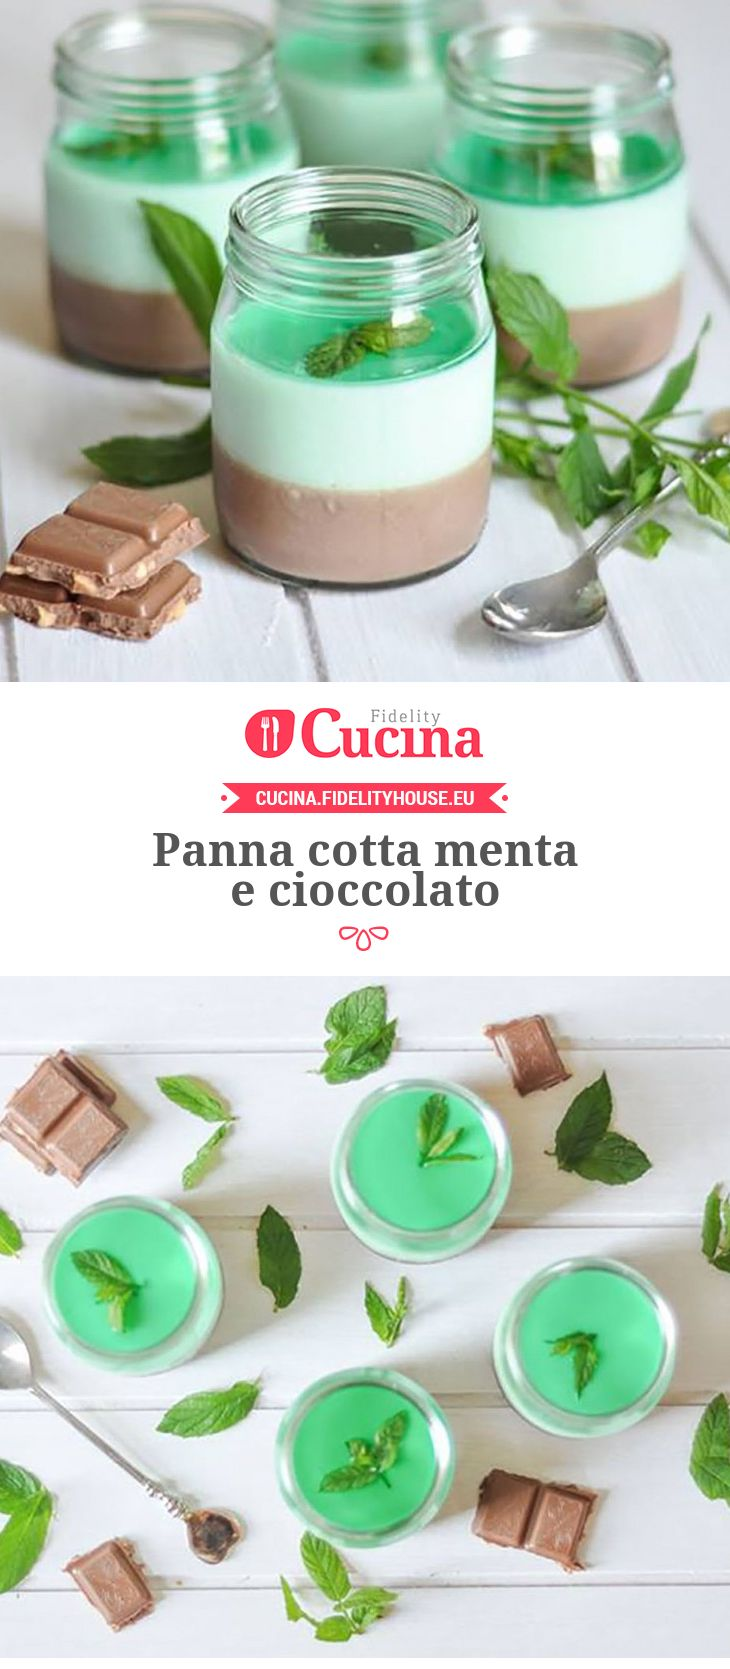 Panna cotta menta e cioccolato